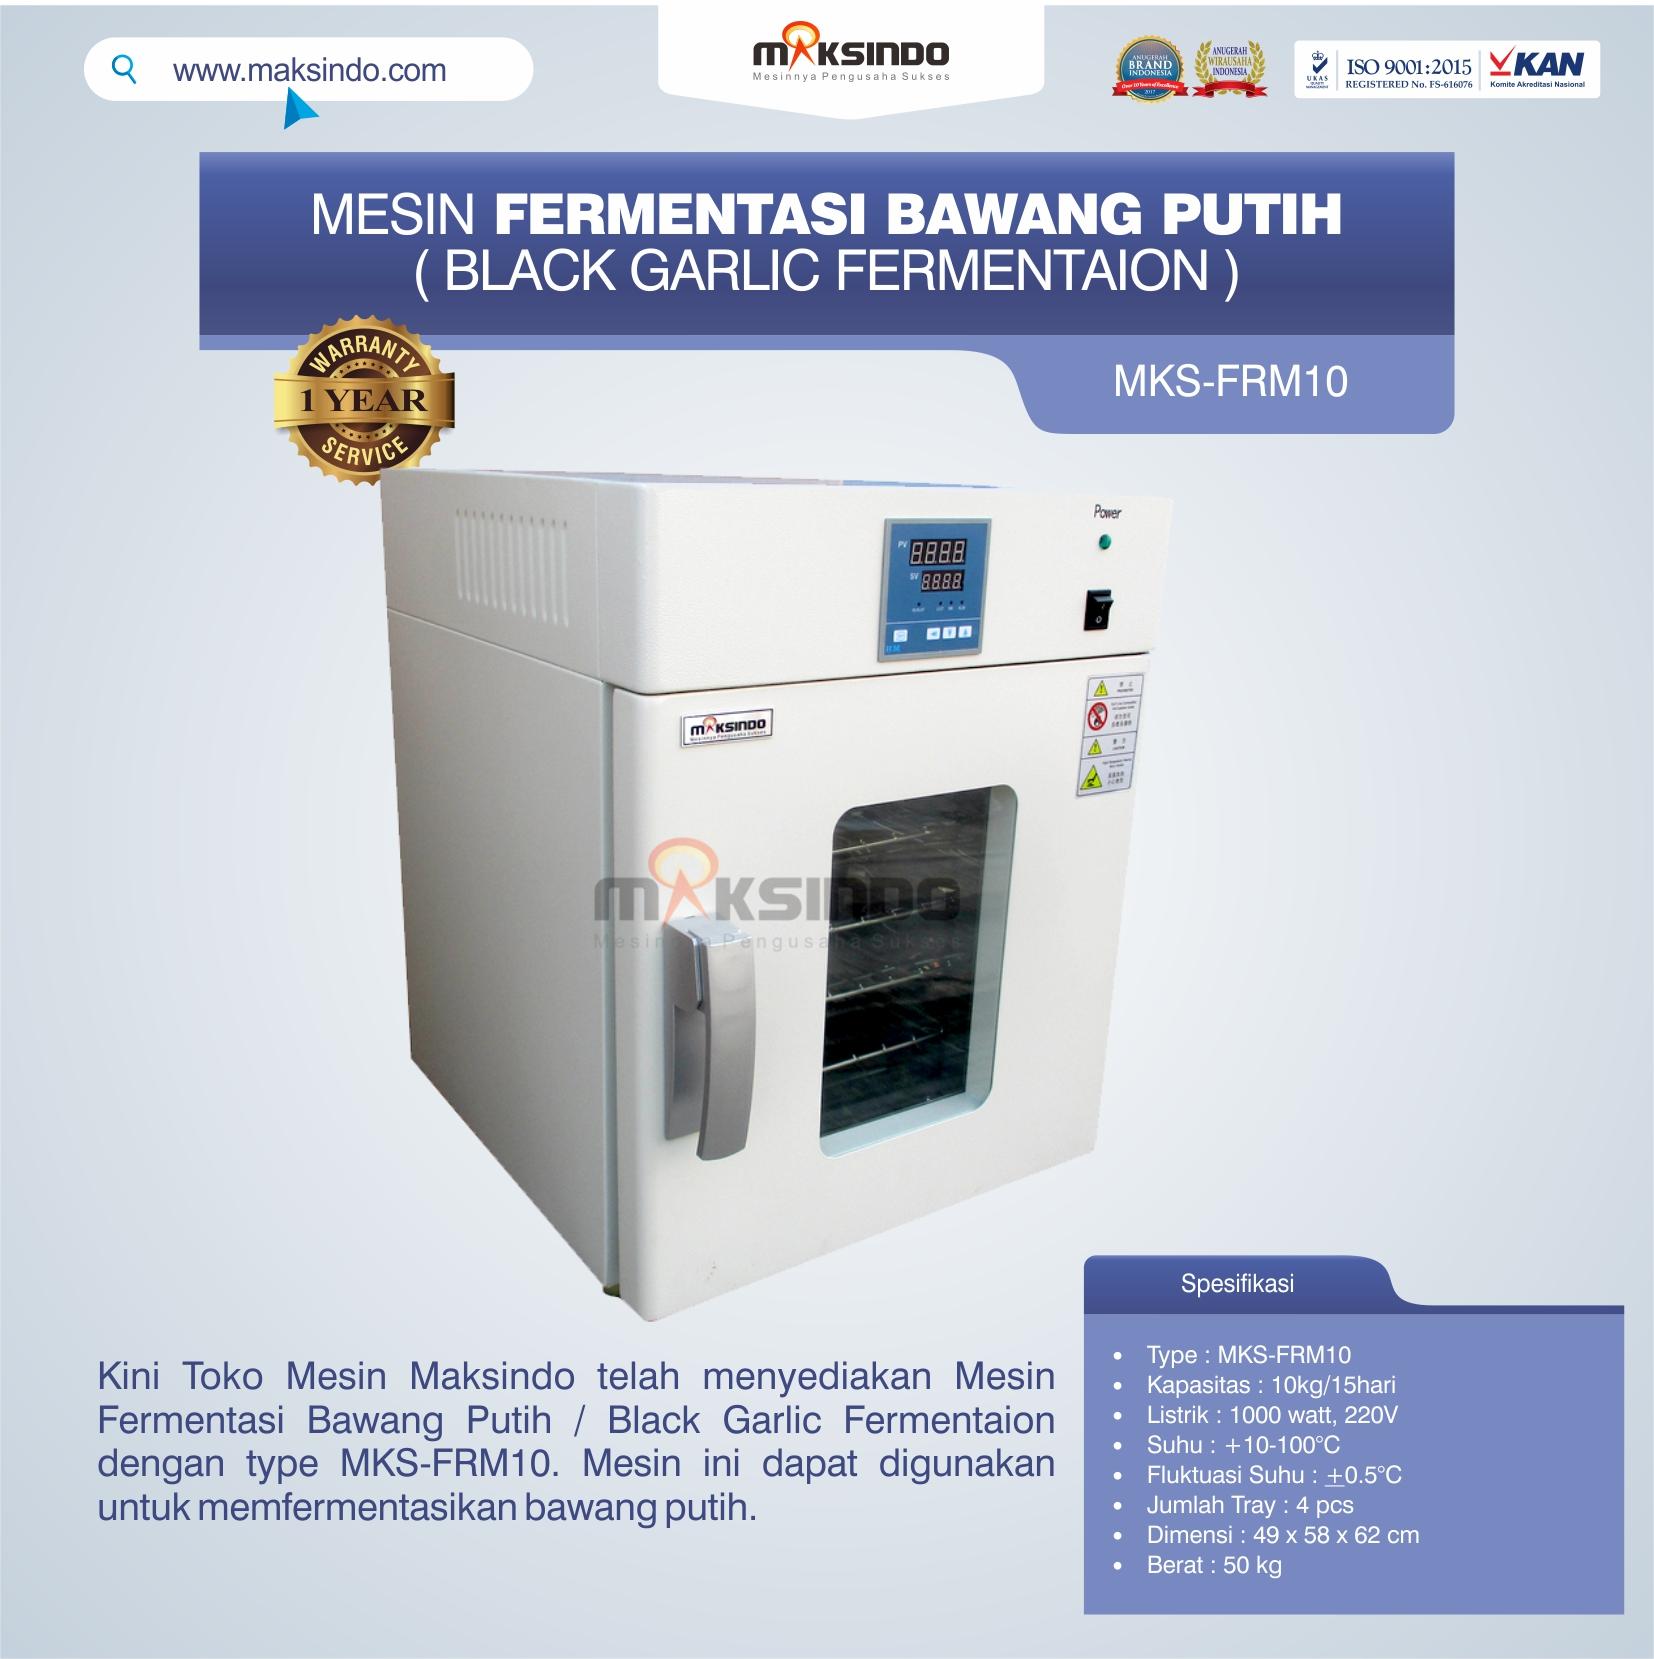 Jual Mesin Fermentasi Bawang Putih / Black Garlic Fermentaion MKS-FRM10 di Banjarmasin